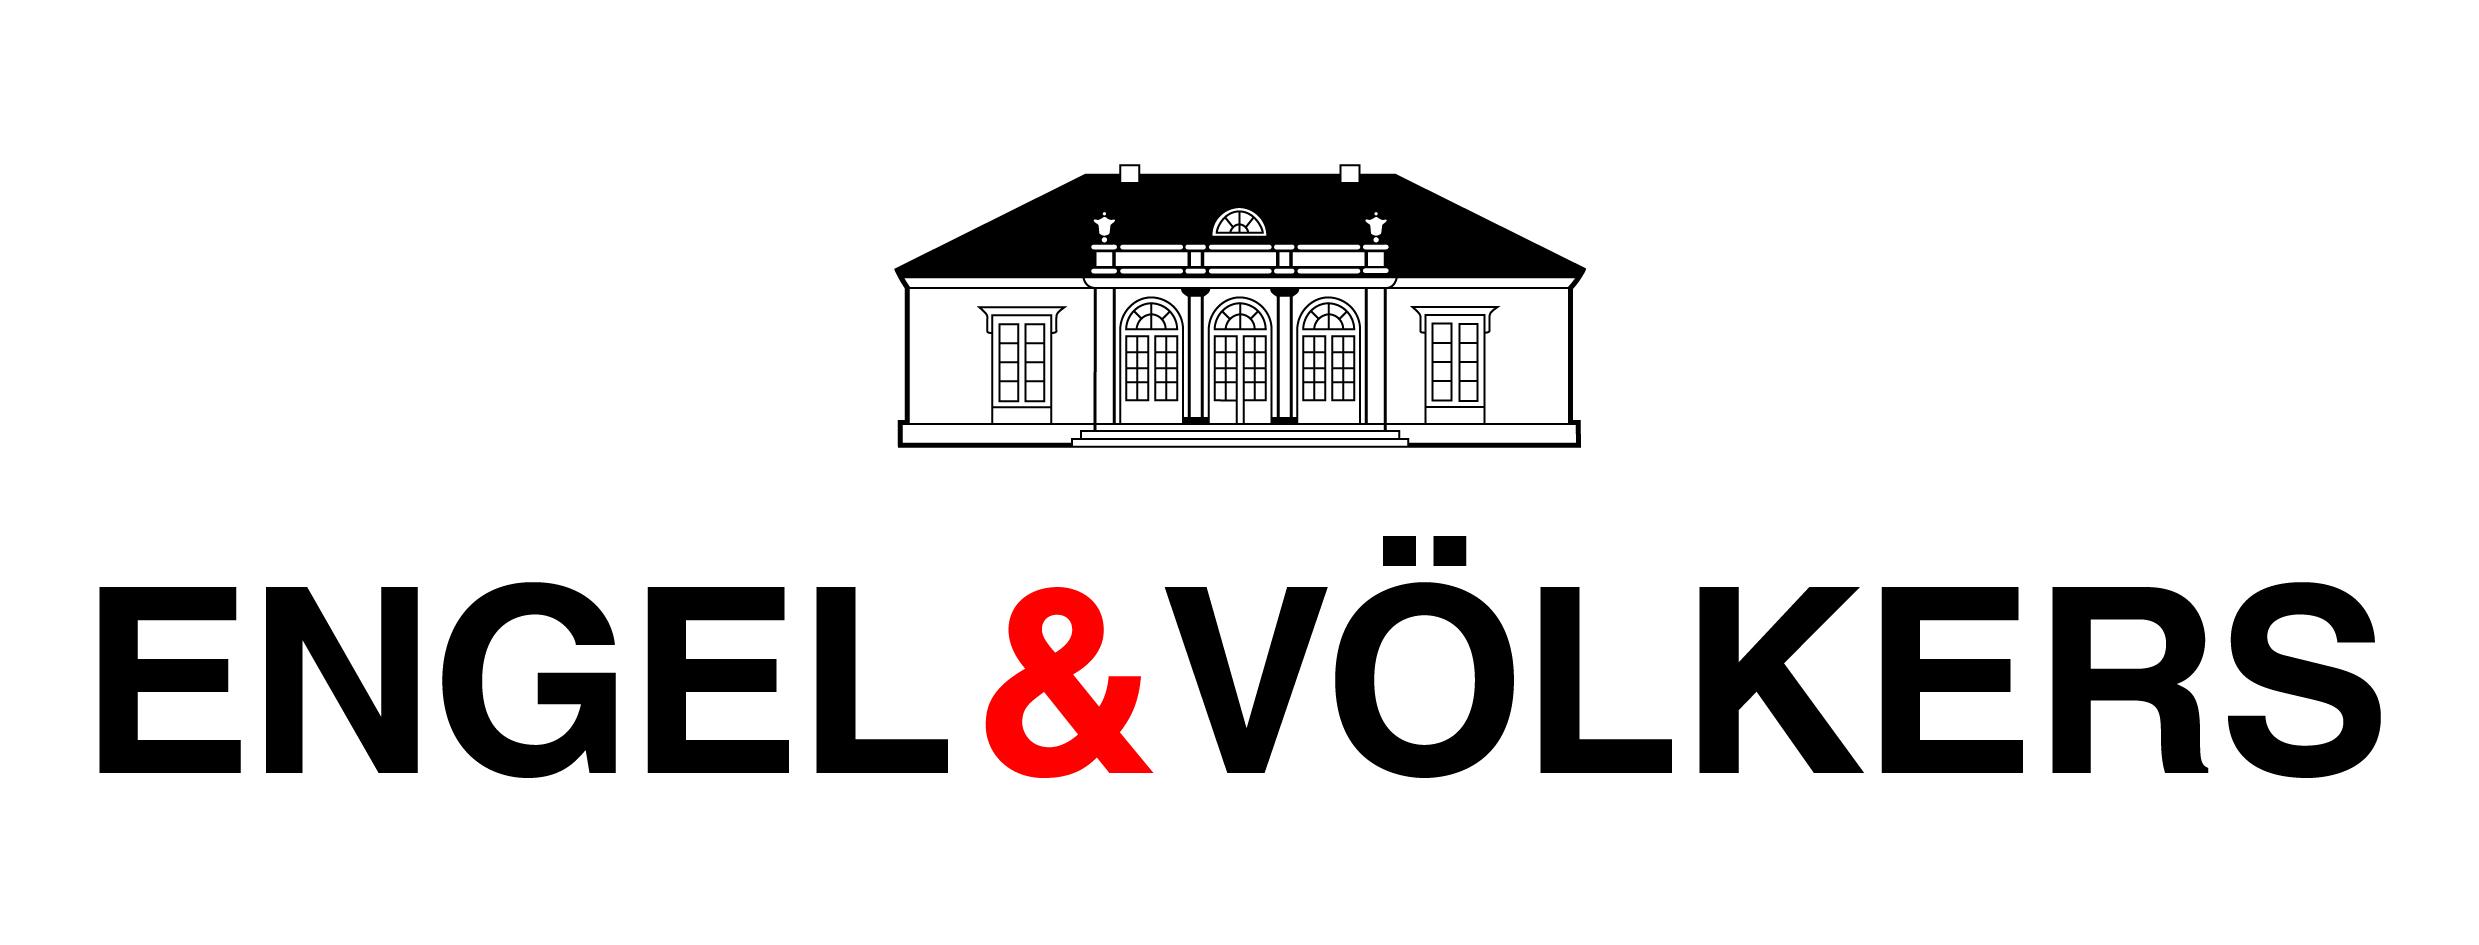 Мы официальные партнеры Engel&Volkers